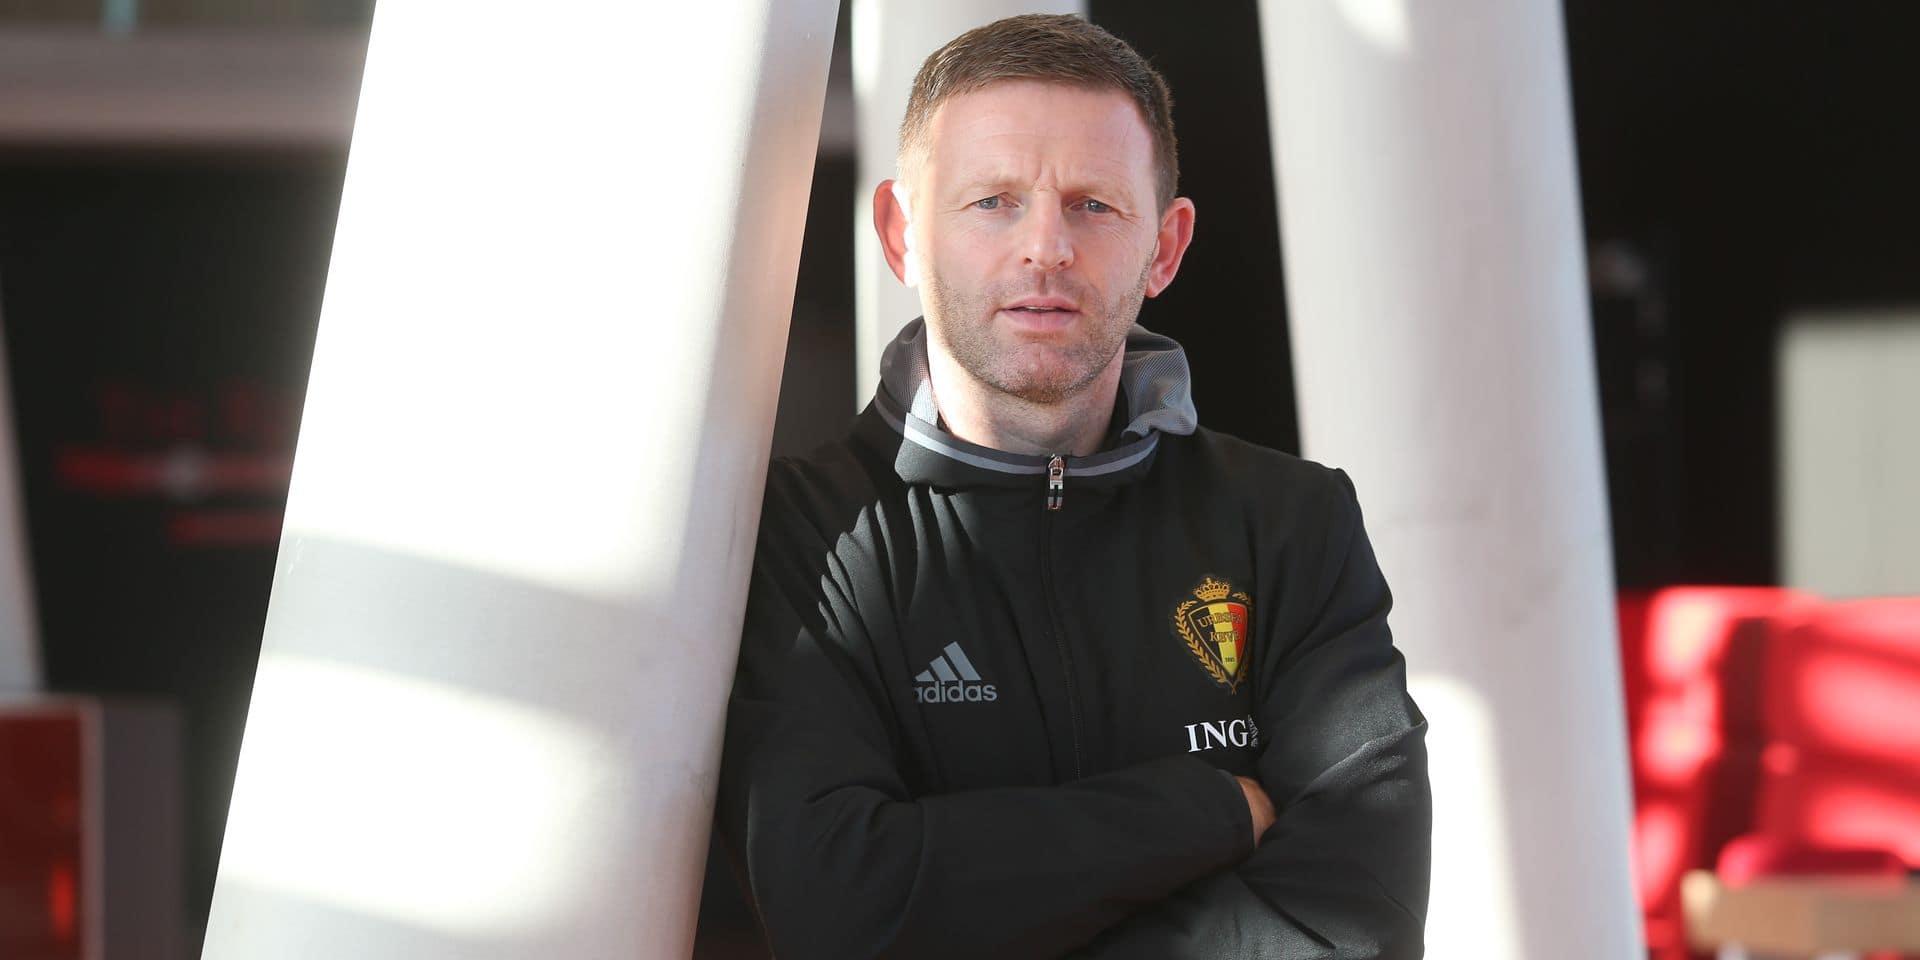 Graeme Jones, adjoint du sélectionneur des Diables Rouges Roberto Martinez, est nommé entraîneur assistant à West Bromwich Albion (D2 anglaise)